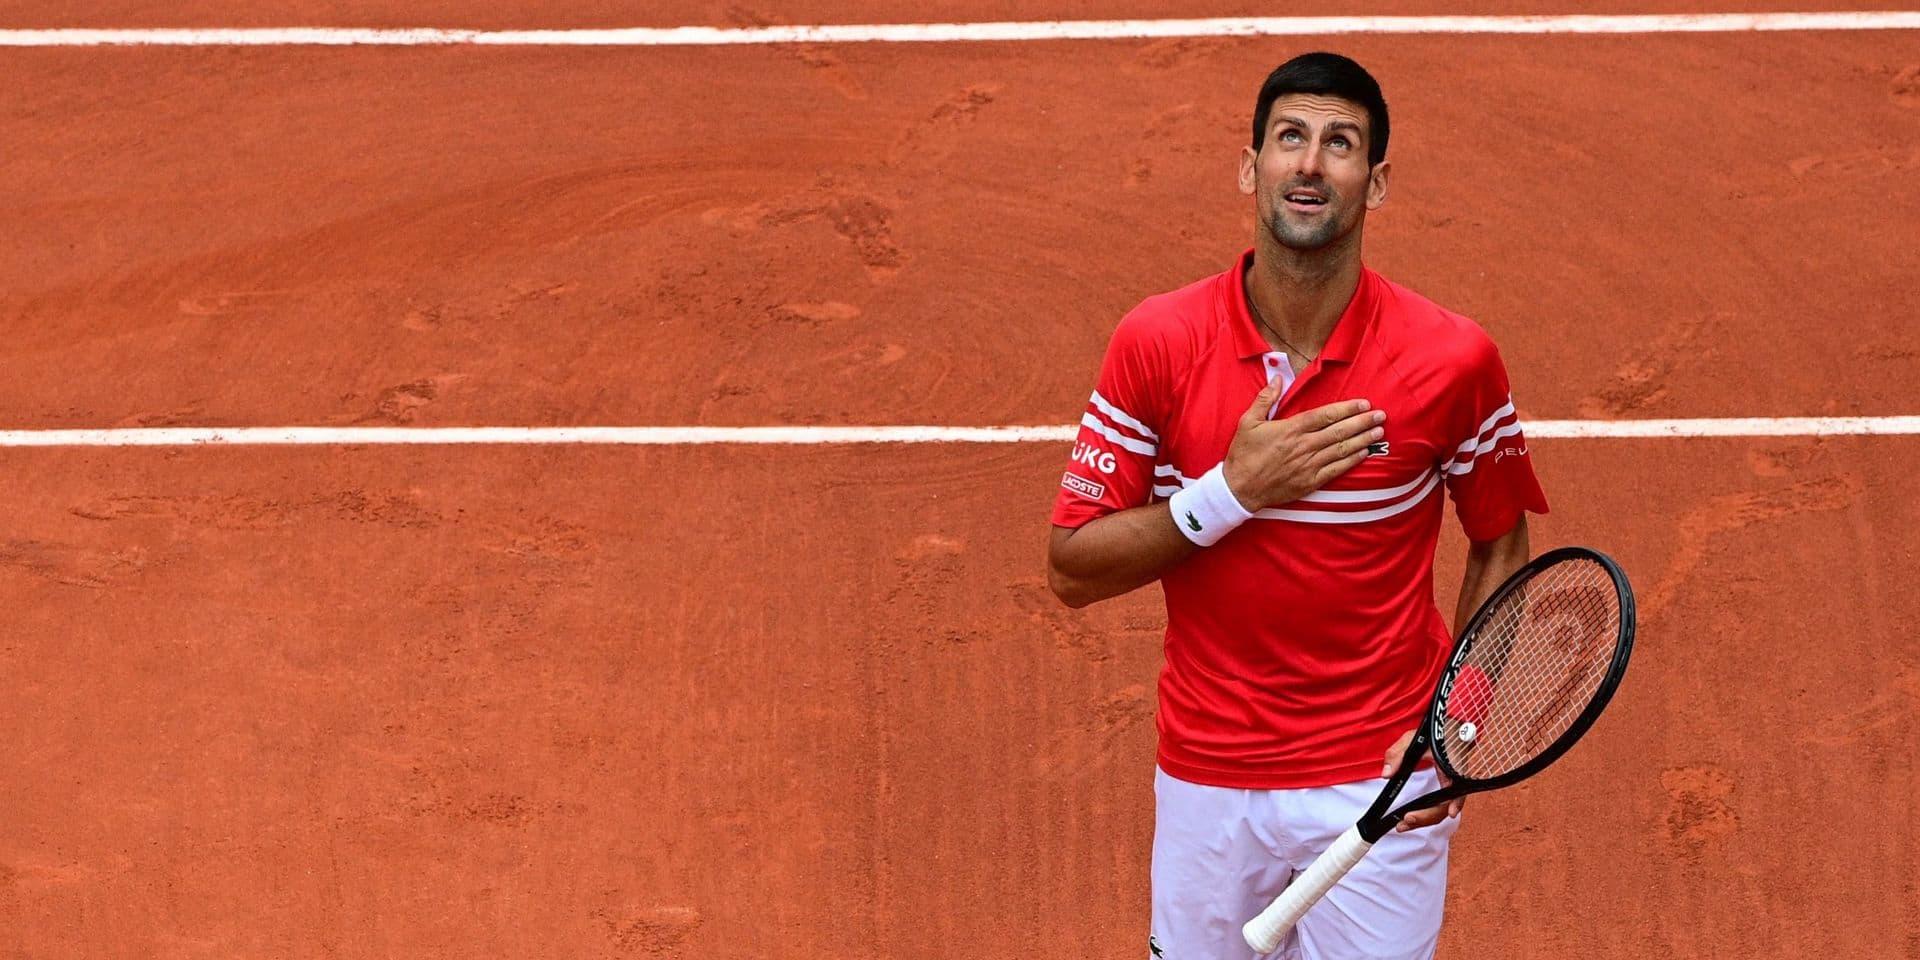 Le bilan de la journée à Roland: Nadal, Djokovic et Swiatek haussent le rythme